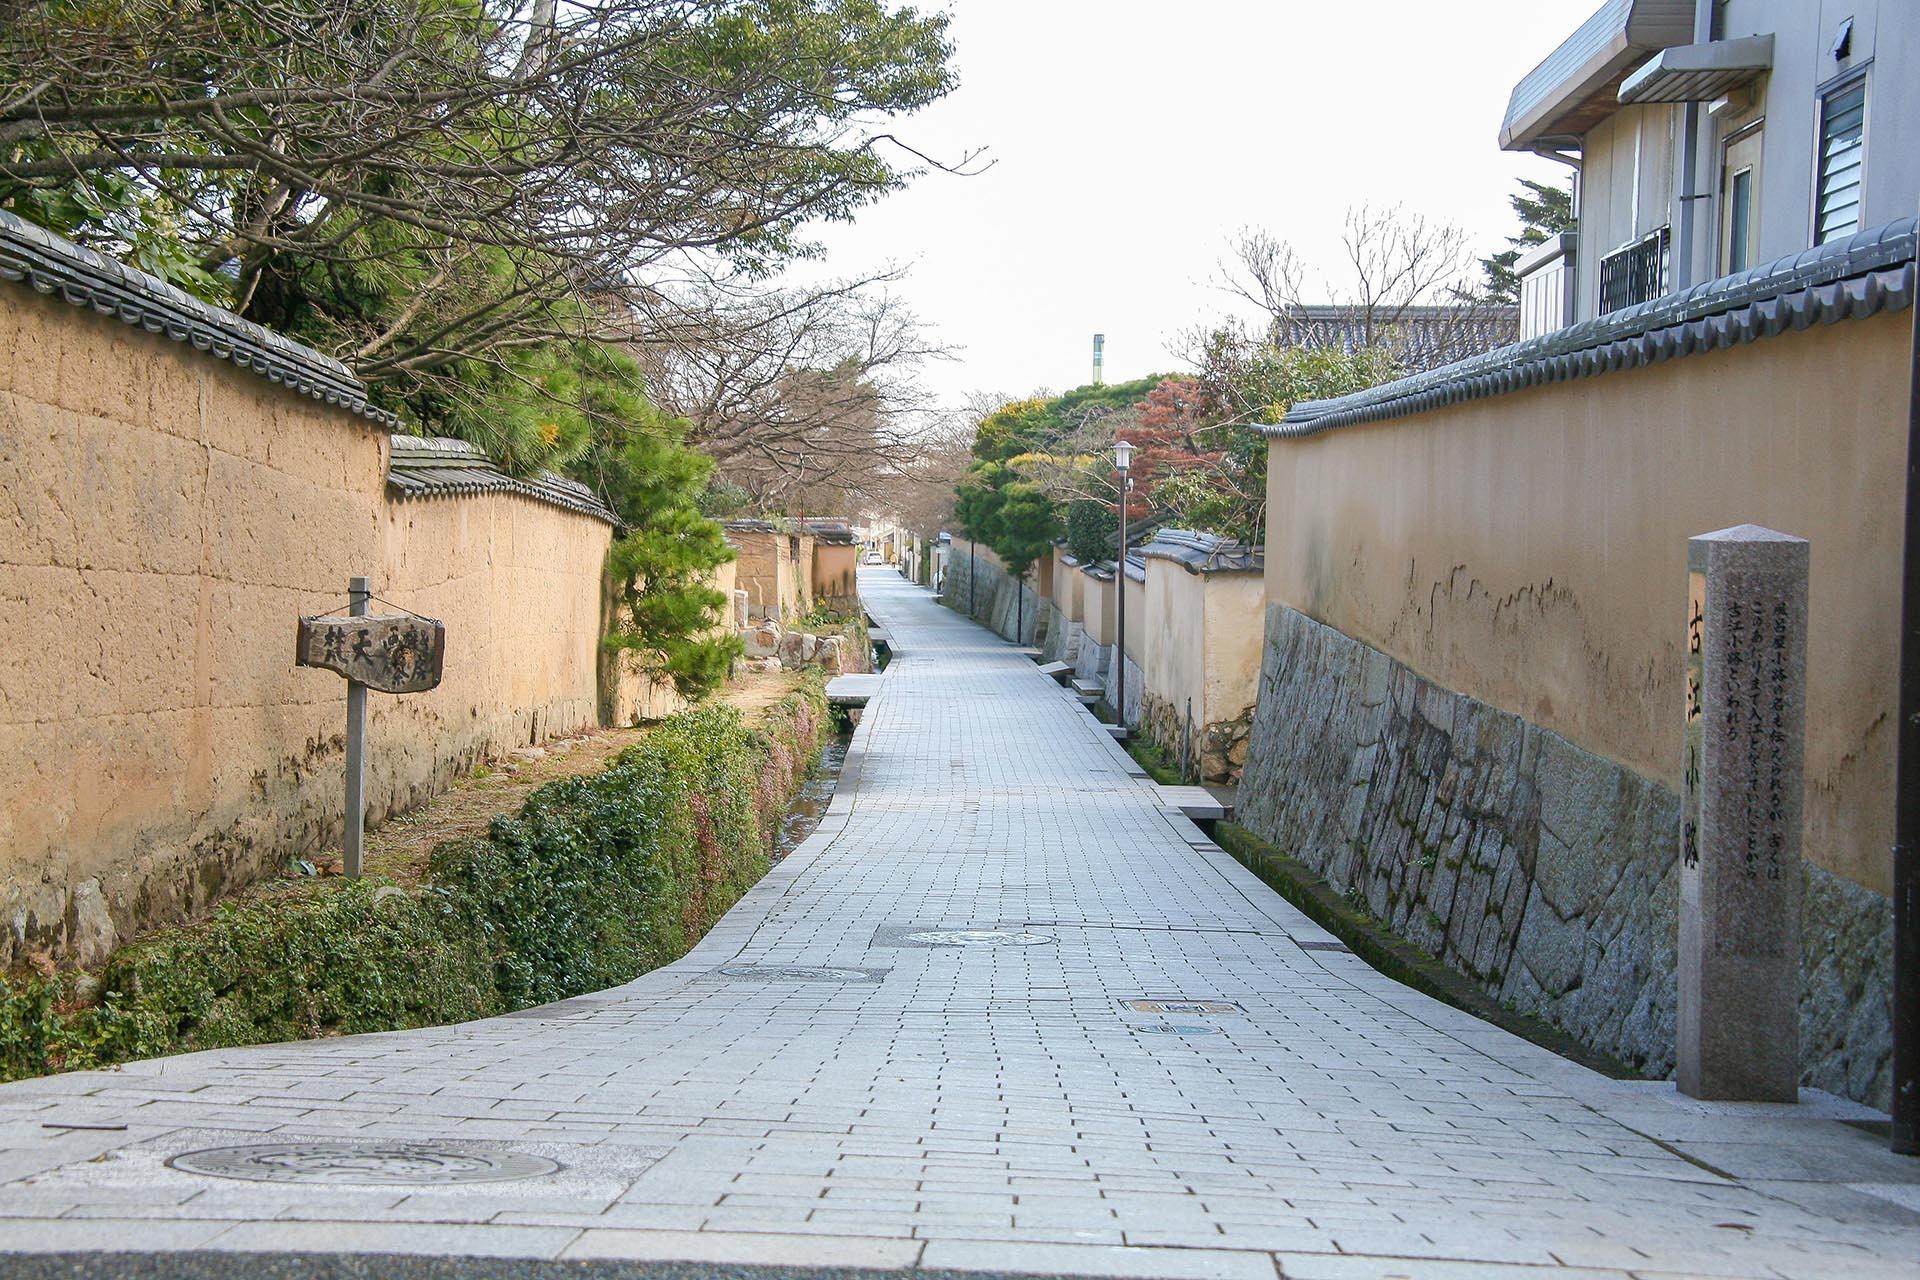 長府 古江小路の風景 山口の風景